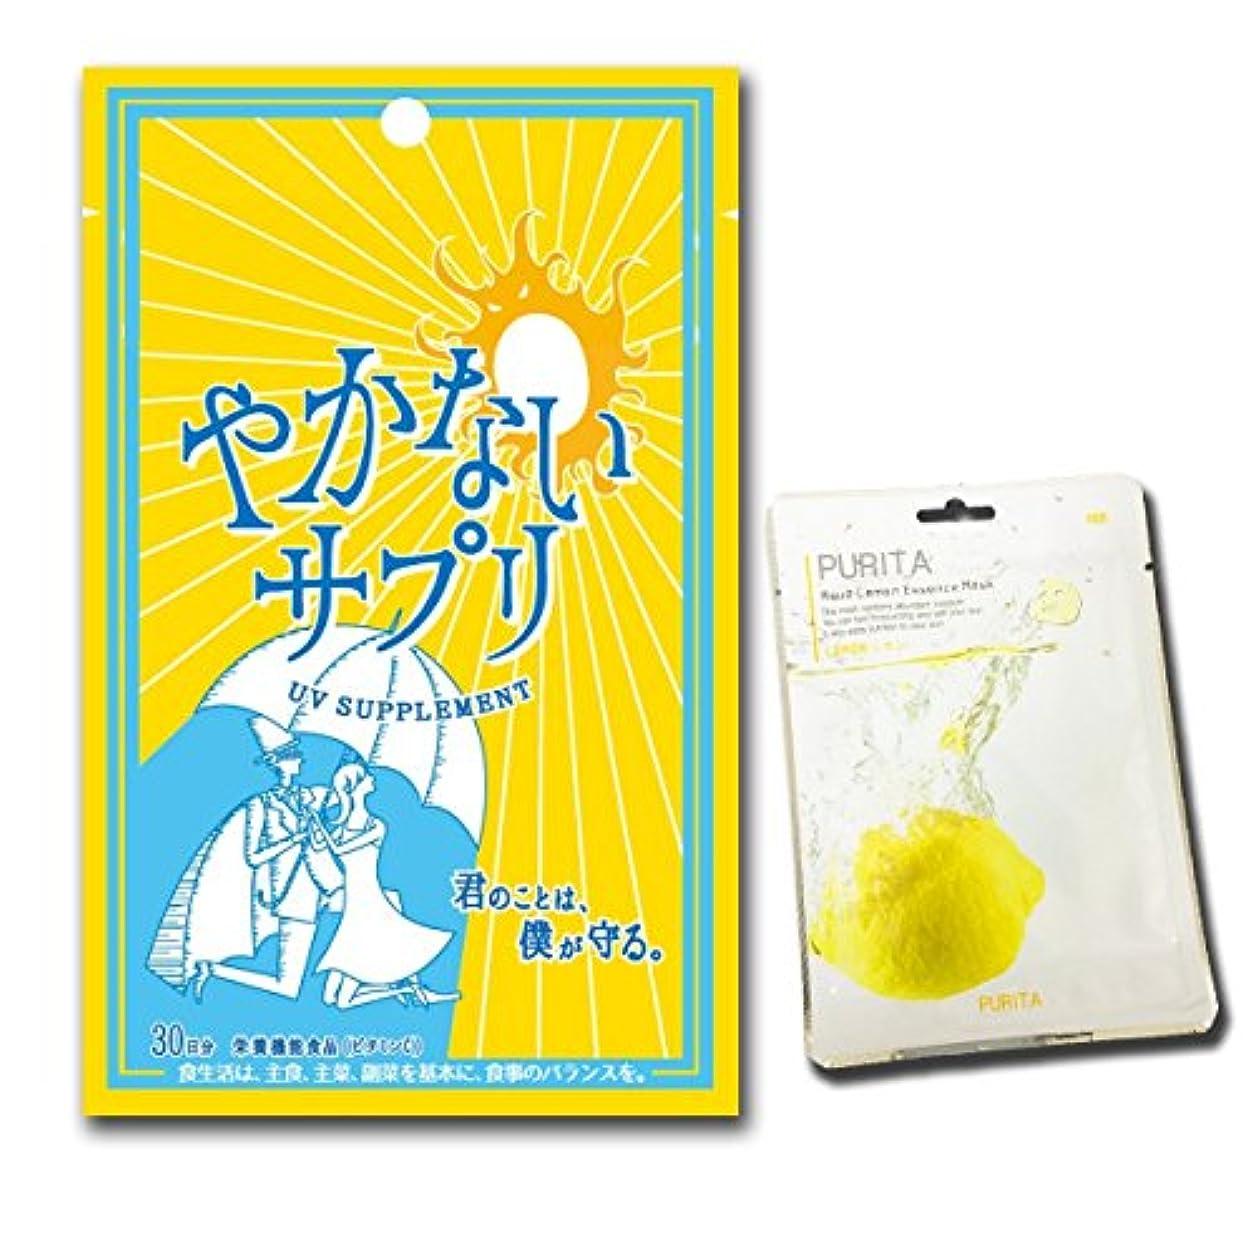 キャストシャンプー四面体飲む日焼け止め やかないサプリ 日本製 (30粒/30日分) PURITAフェイスマスク1枚付